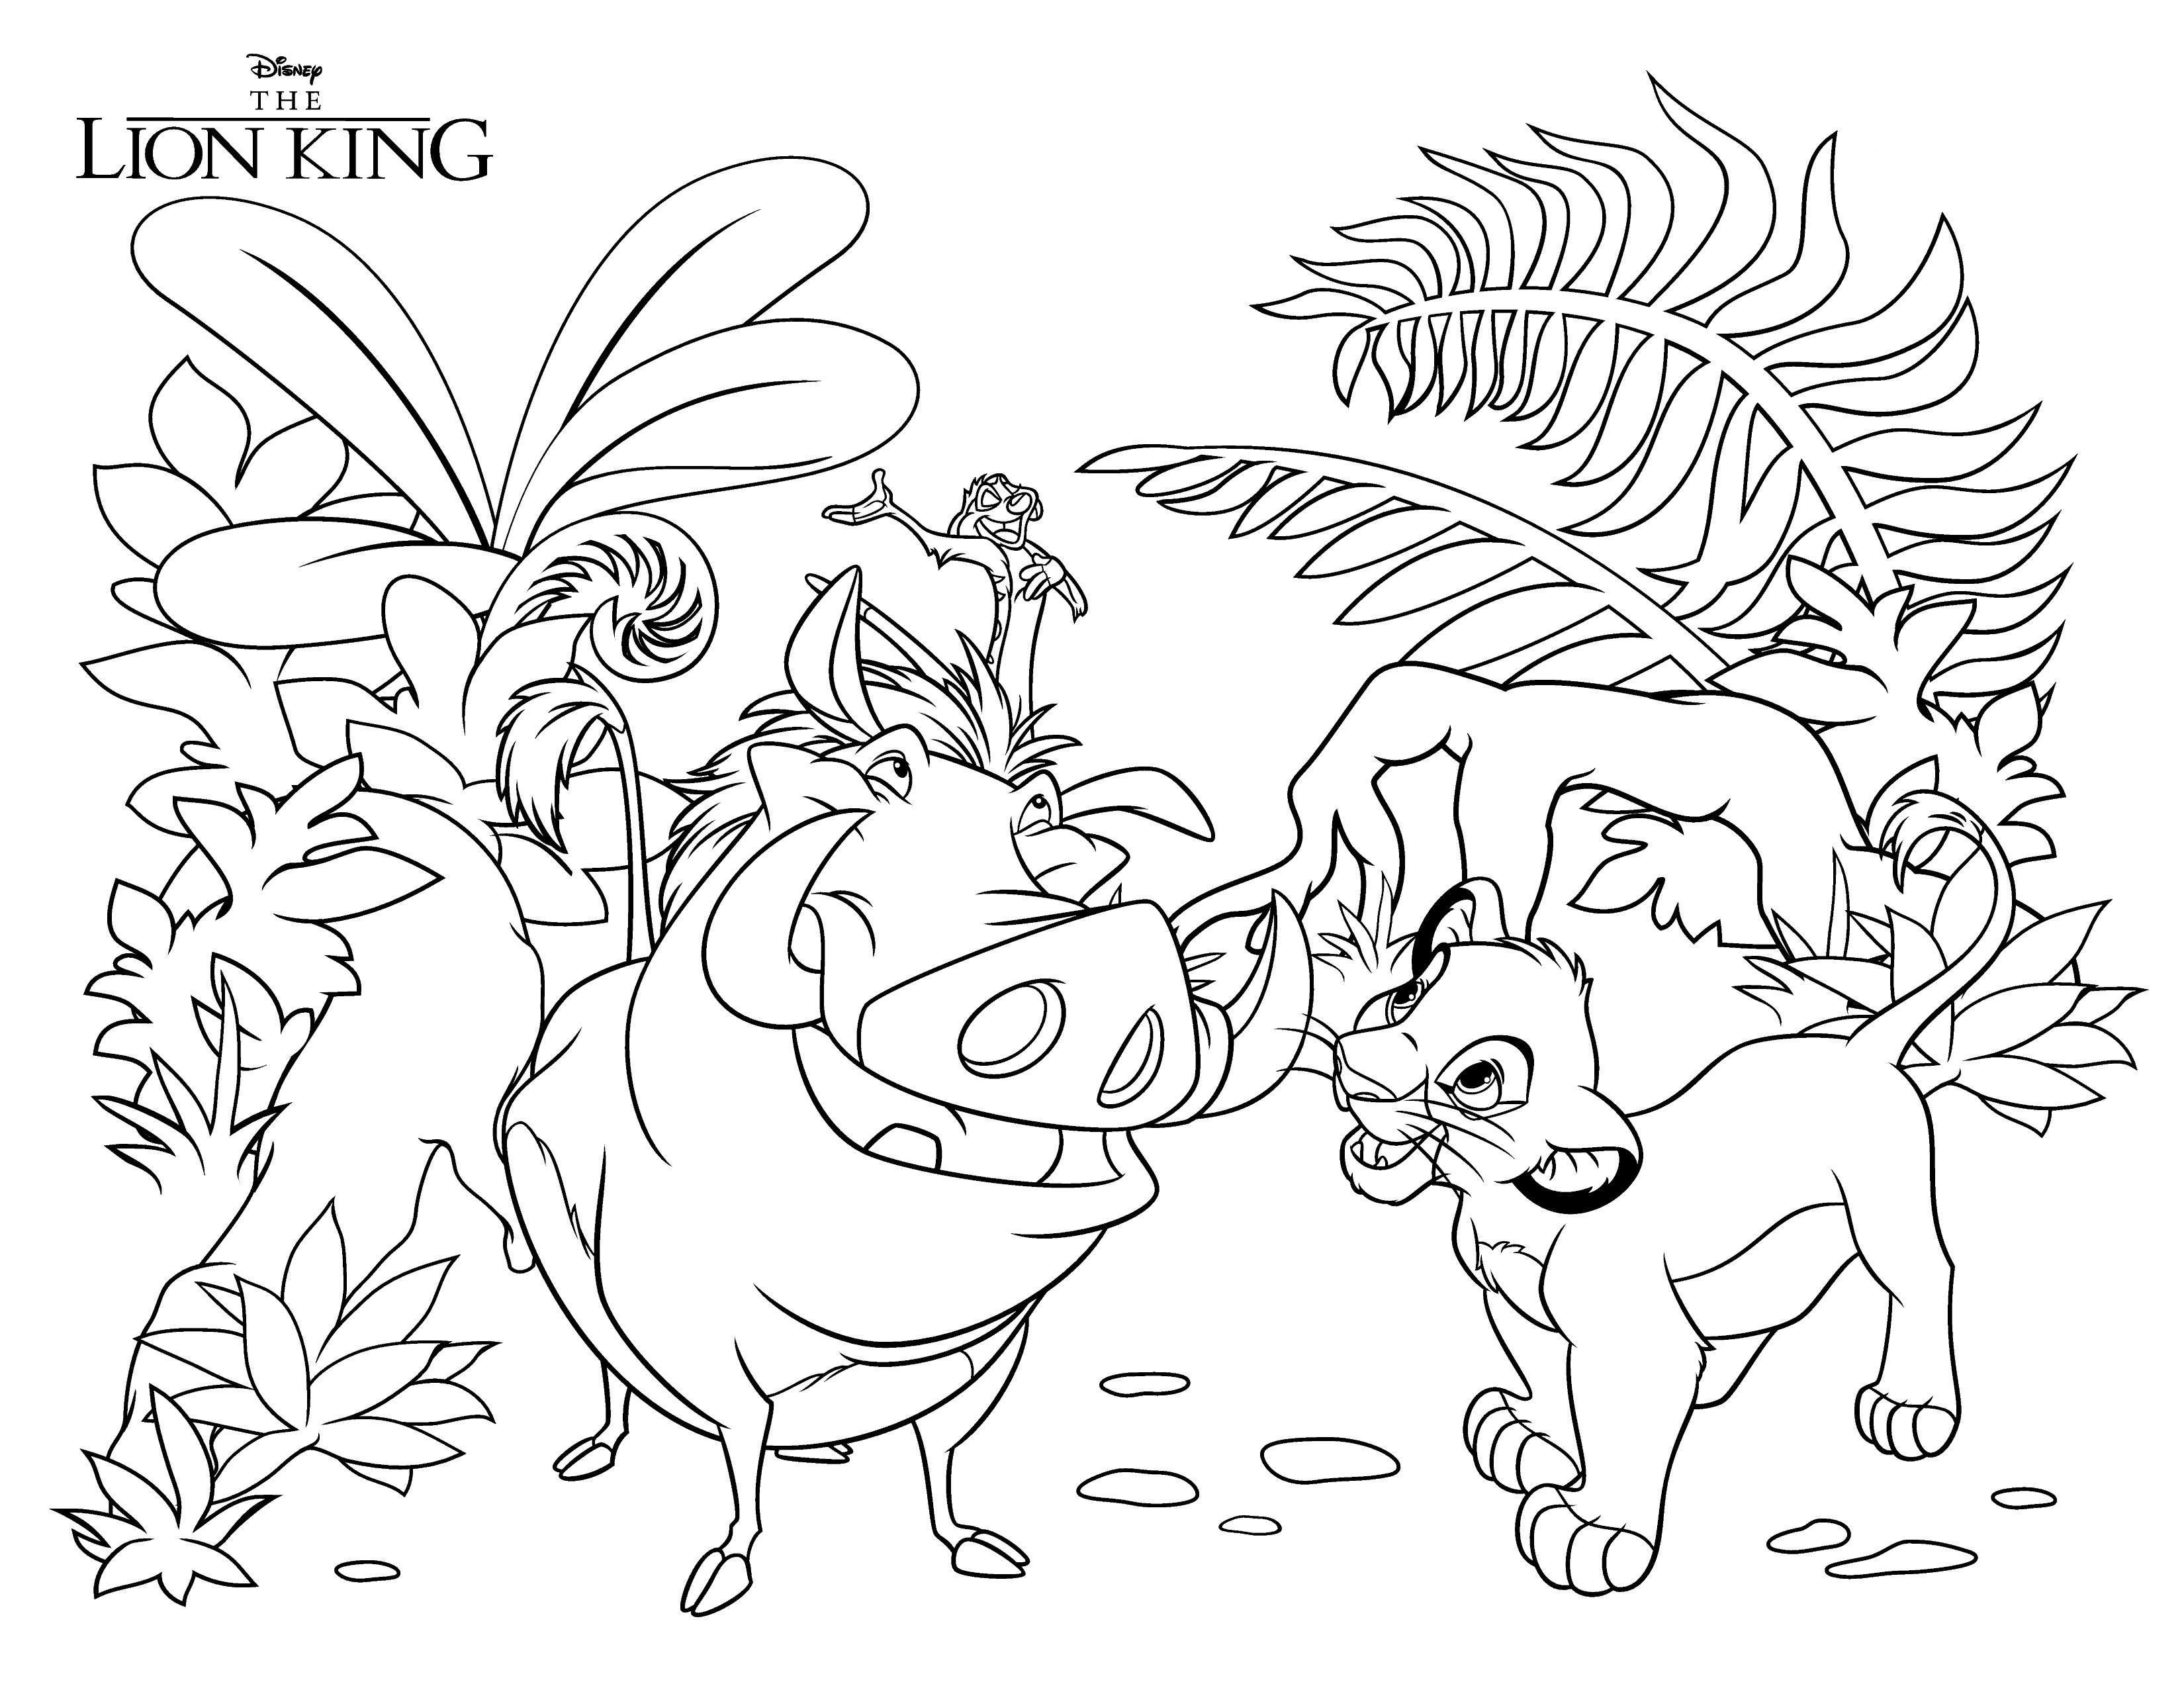 Волшебные раскраски Дисней: Король лев и его друзья